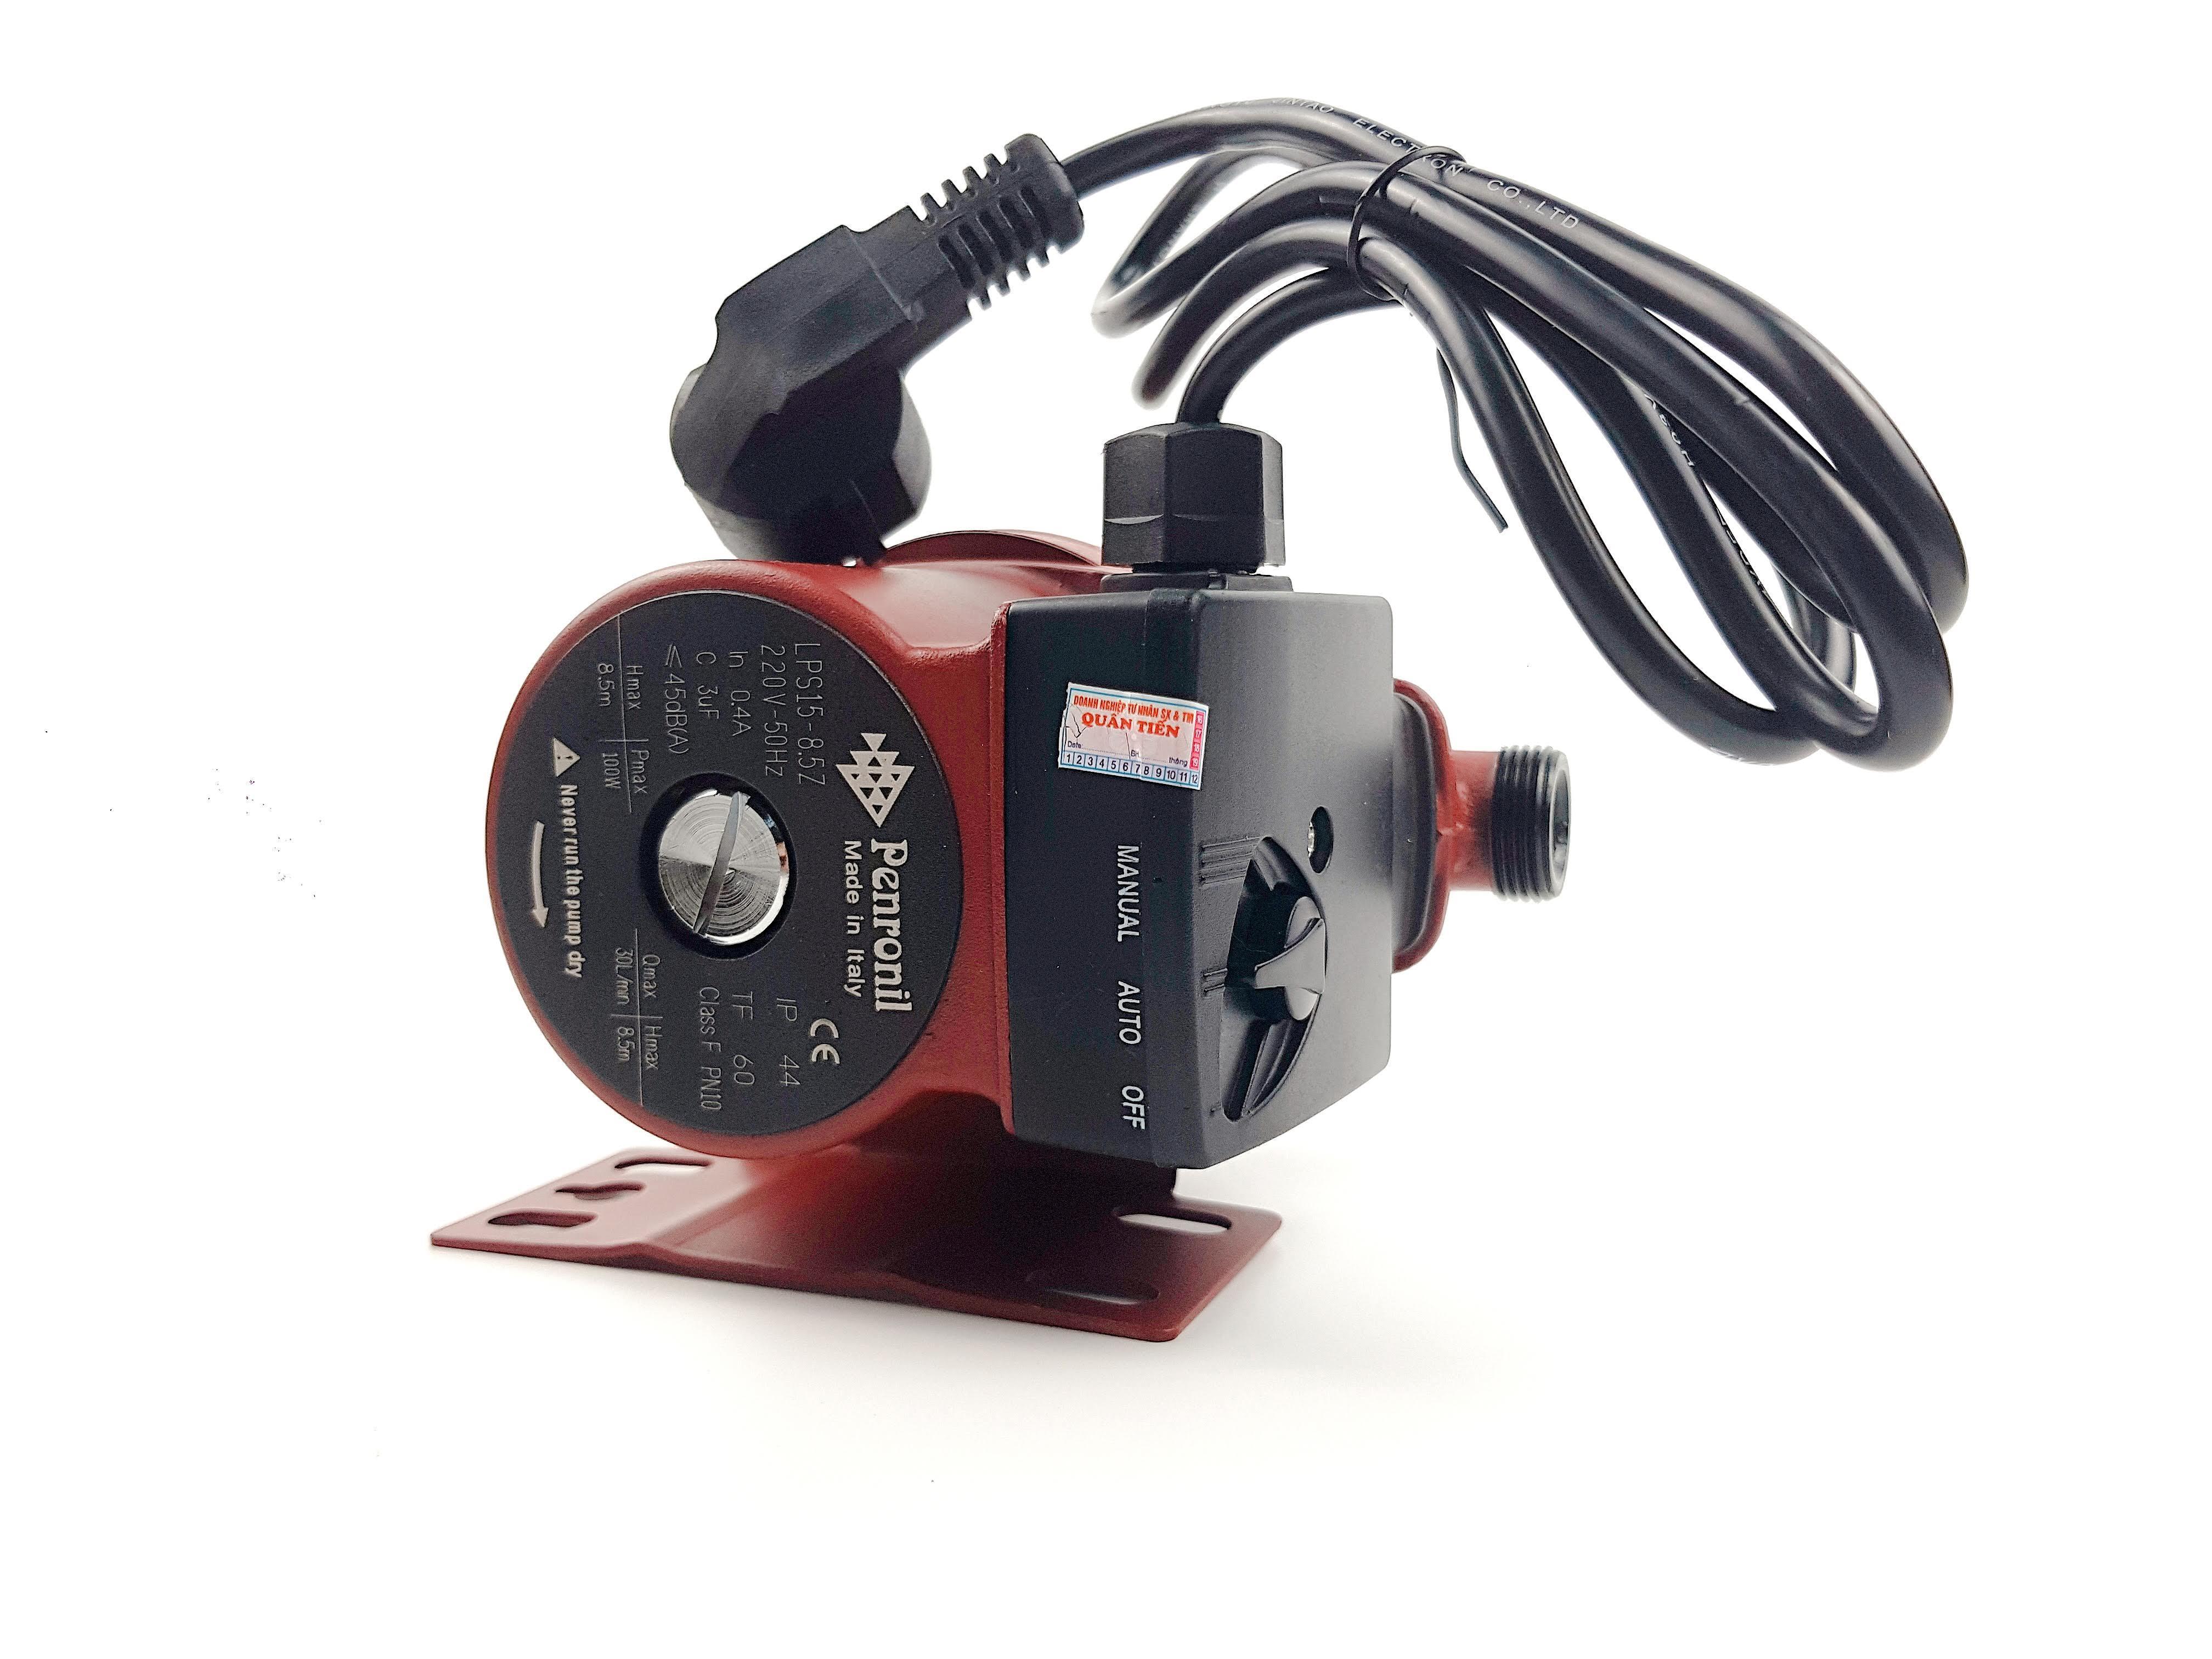 Máy bơm PERONI tăng áp tự động cho dòng nước yếu, nhà WC, bình nóng lạnh, máy giặt công suất 100w